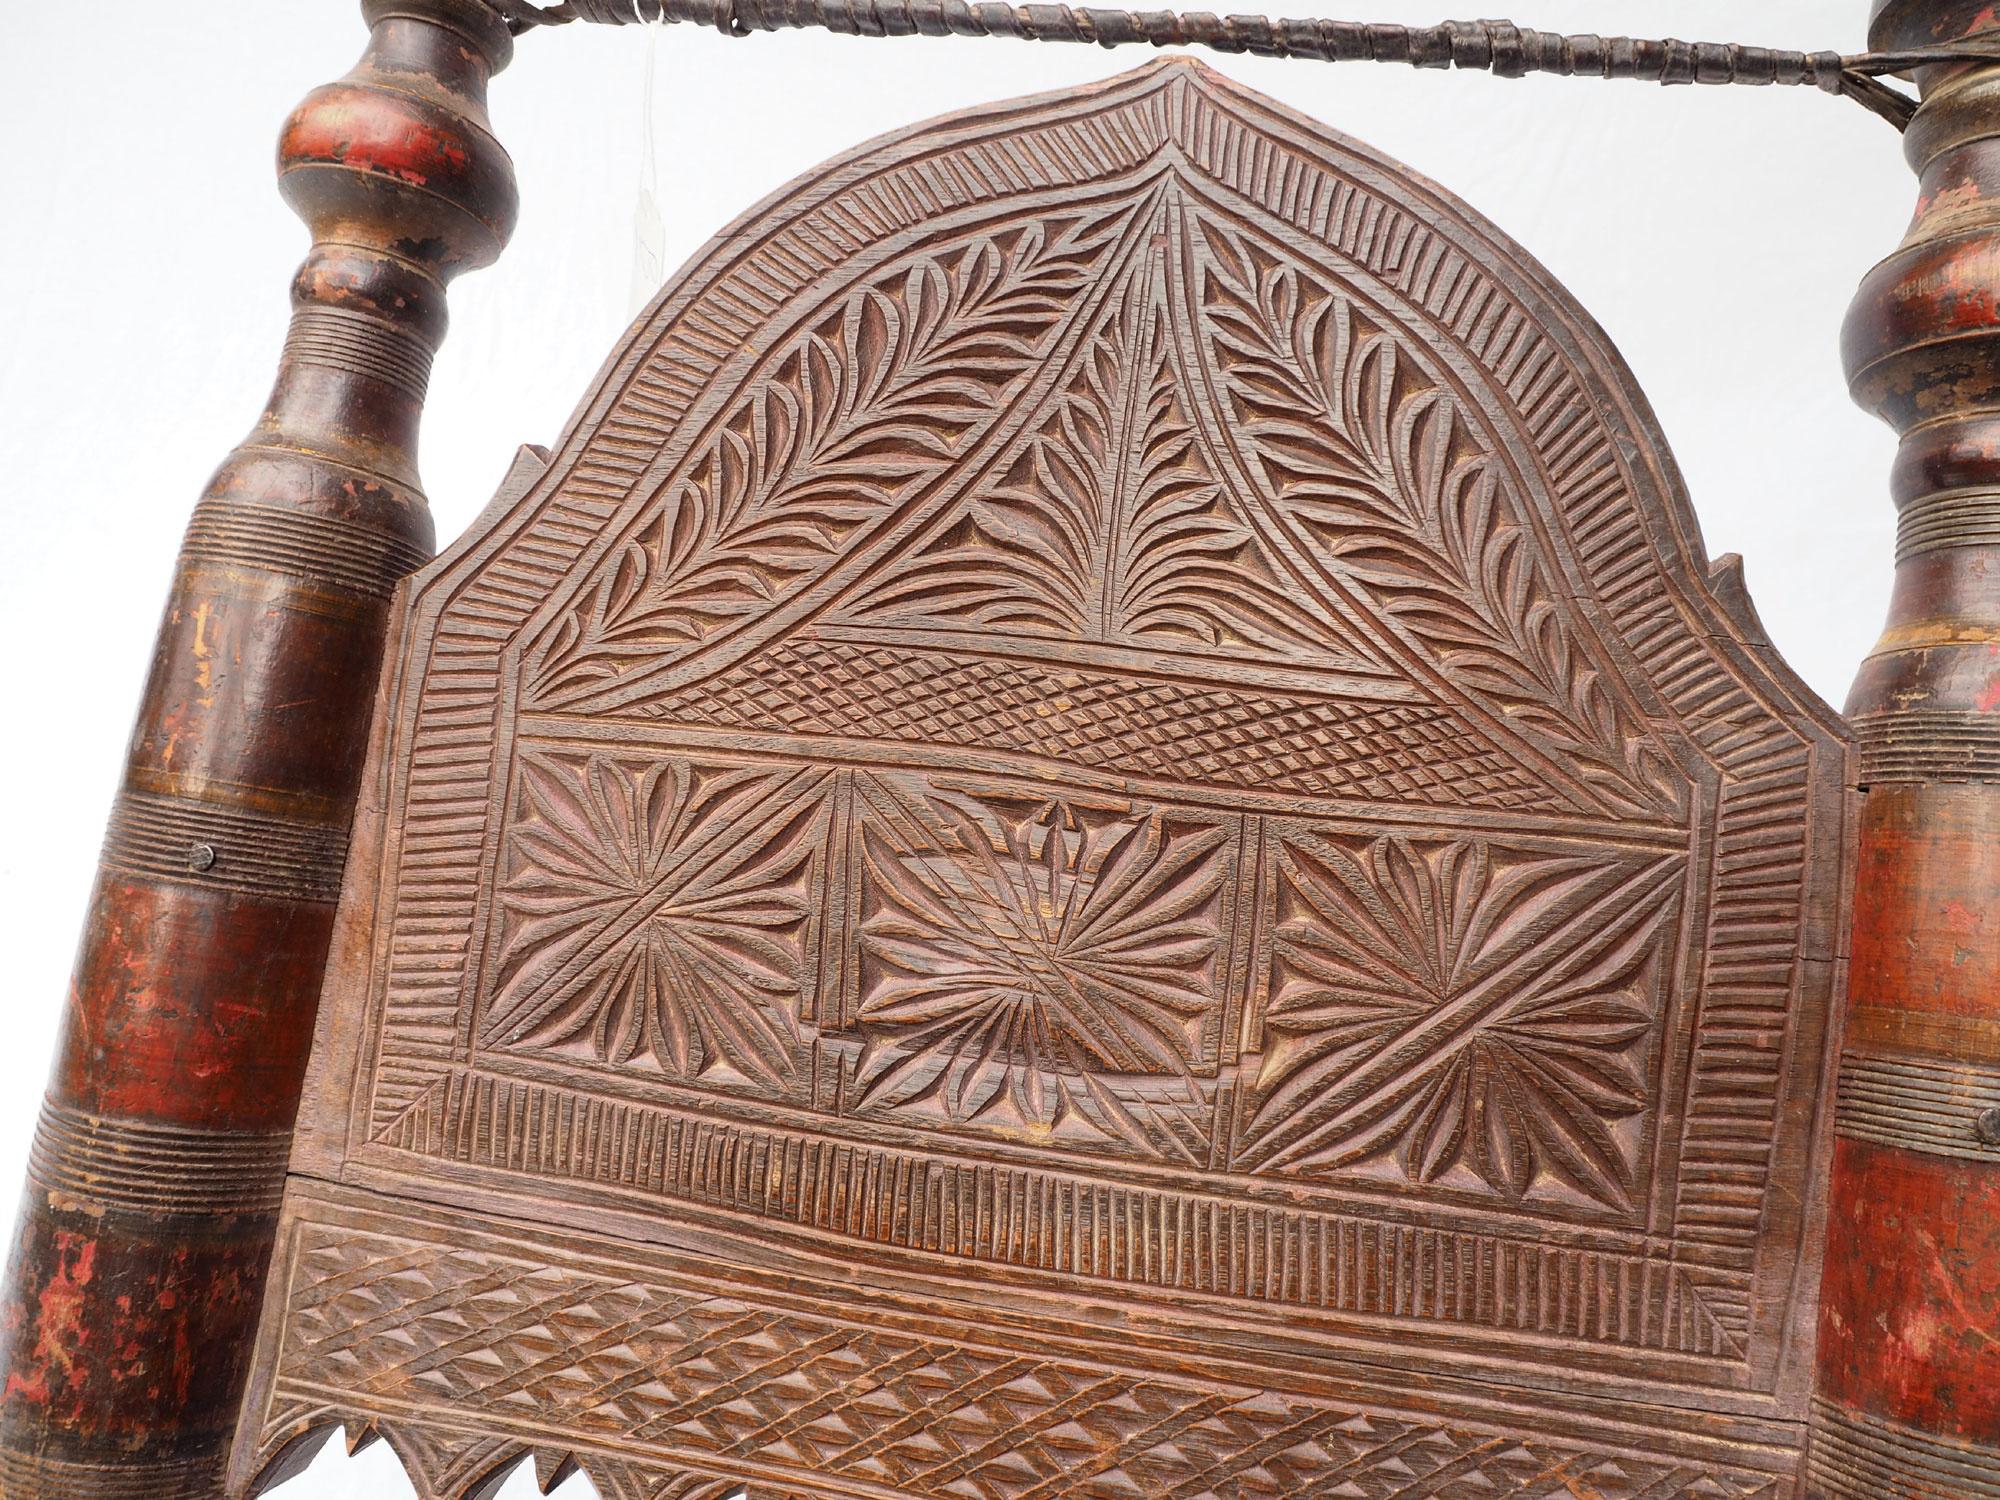 Antique Nuristan Chair Stuhl No: B